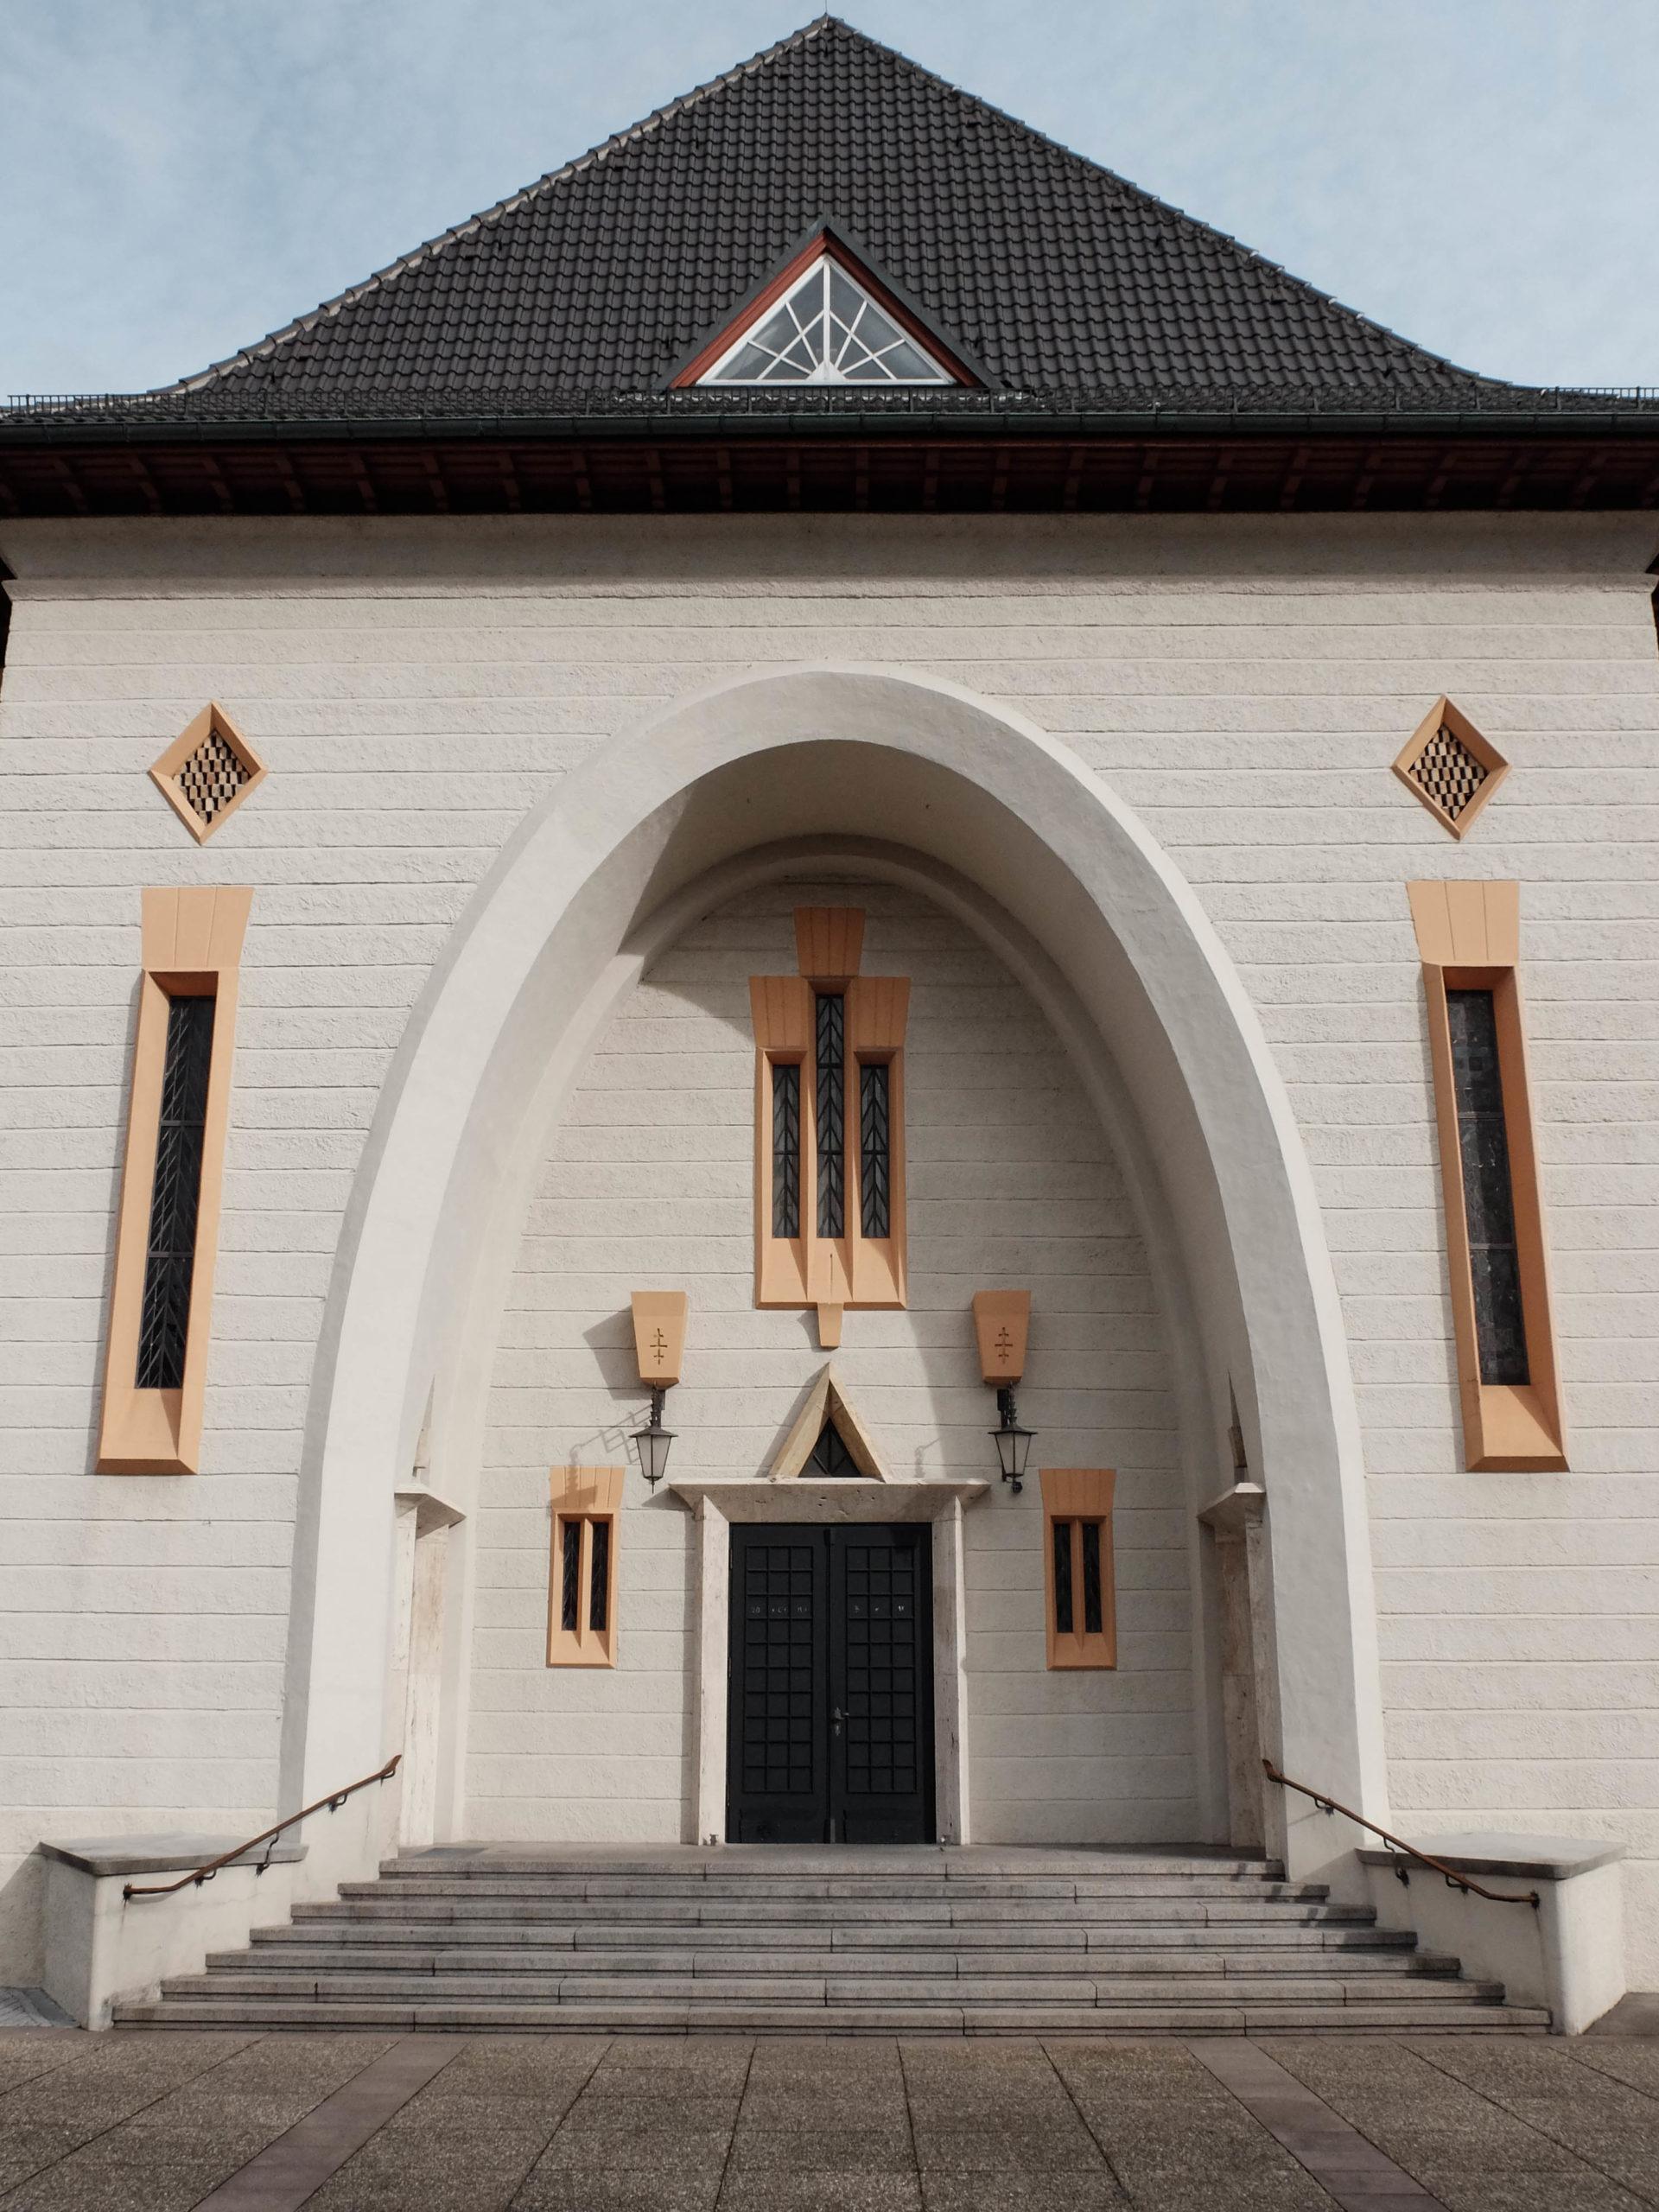 Mariä Himmelfahrt, 1925-1927. Architect: Otto Linder